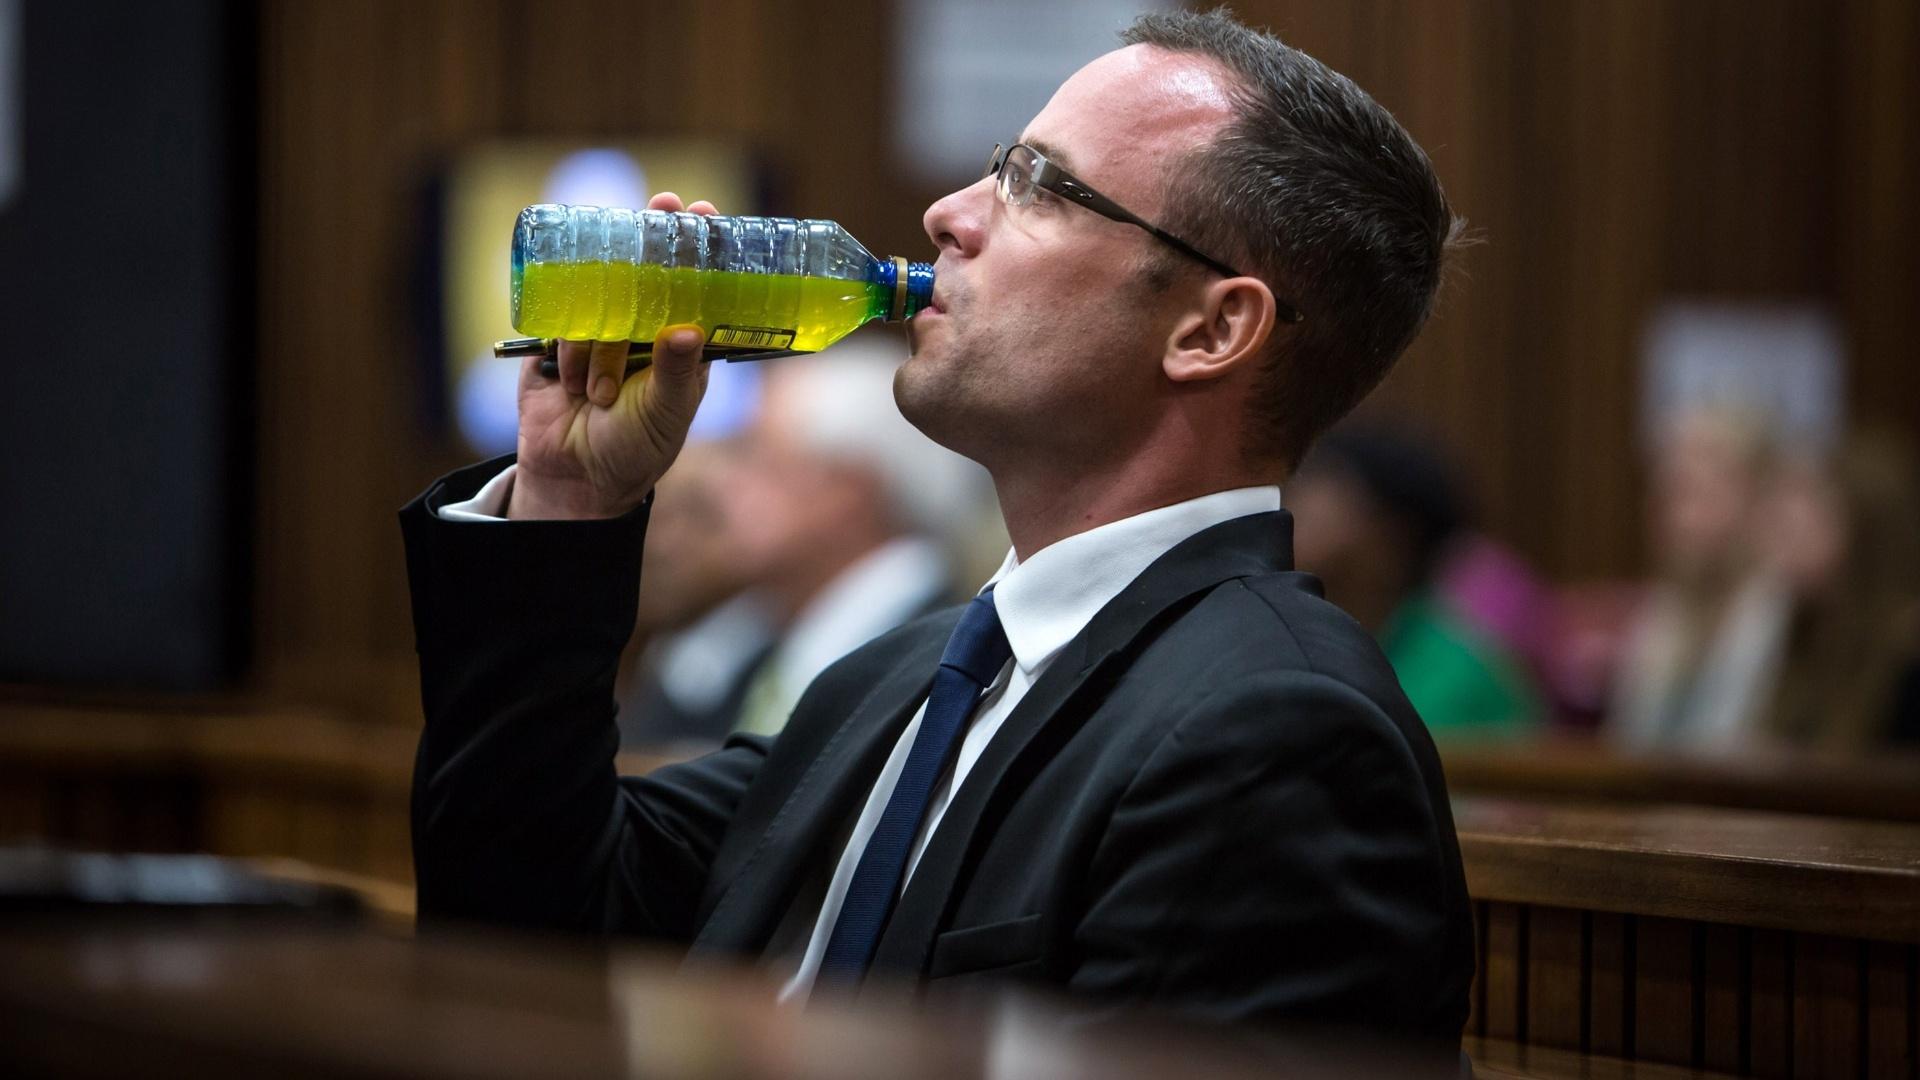 17.mar.2014 - Oscar Pistorius se hidrata durante o 11º dia do julgamento pela morte da modelo Reeva Steenkamp